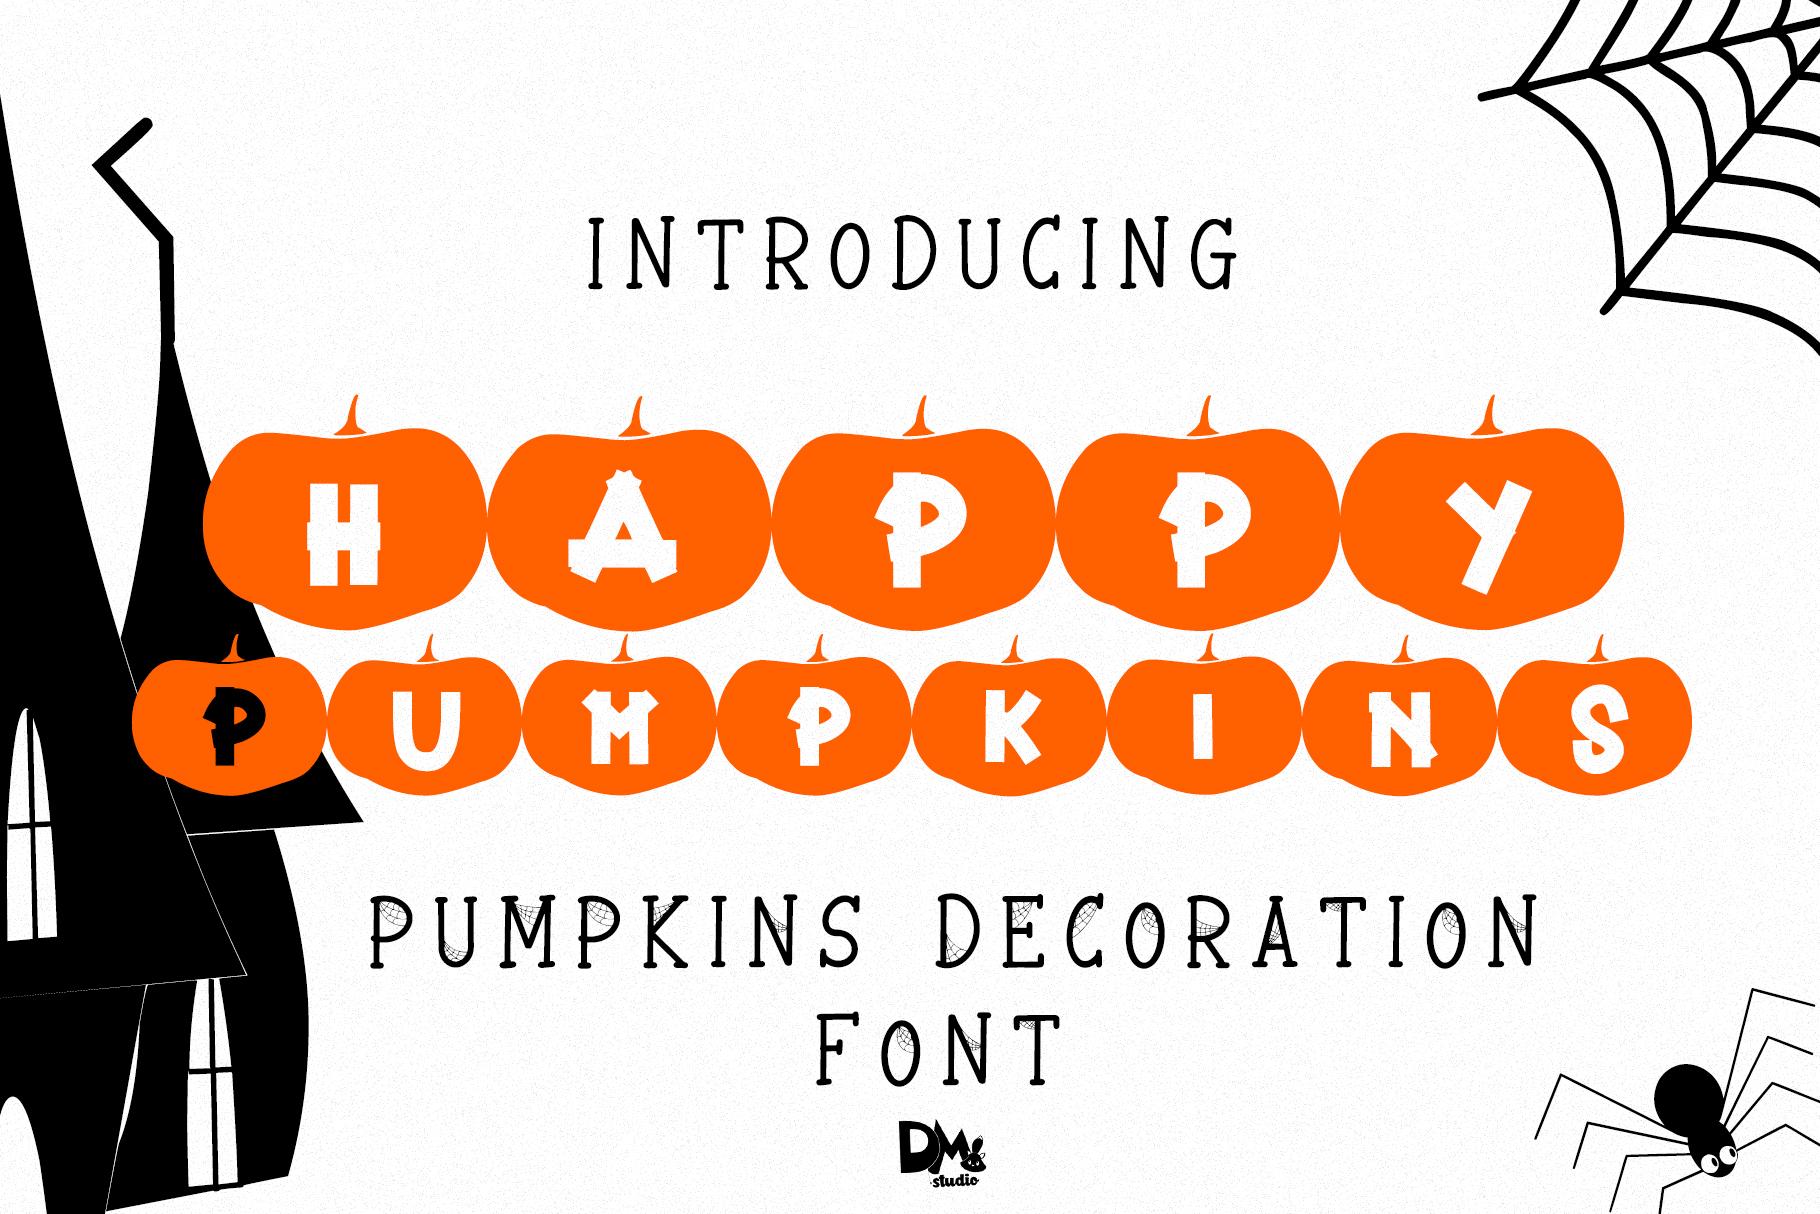 Happy Pumpkins - Pumpkin Decoration Font example image 1